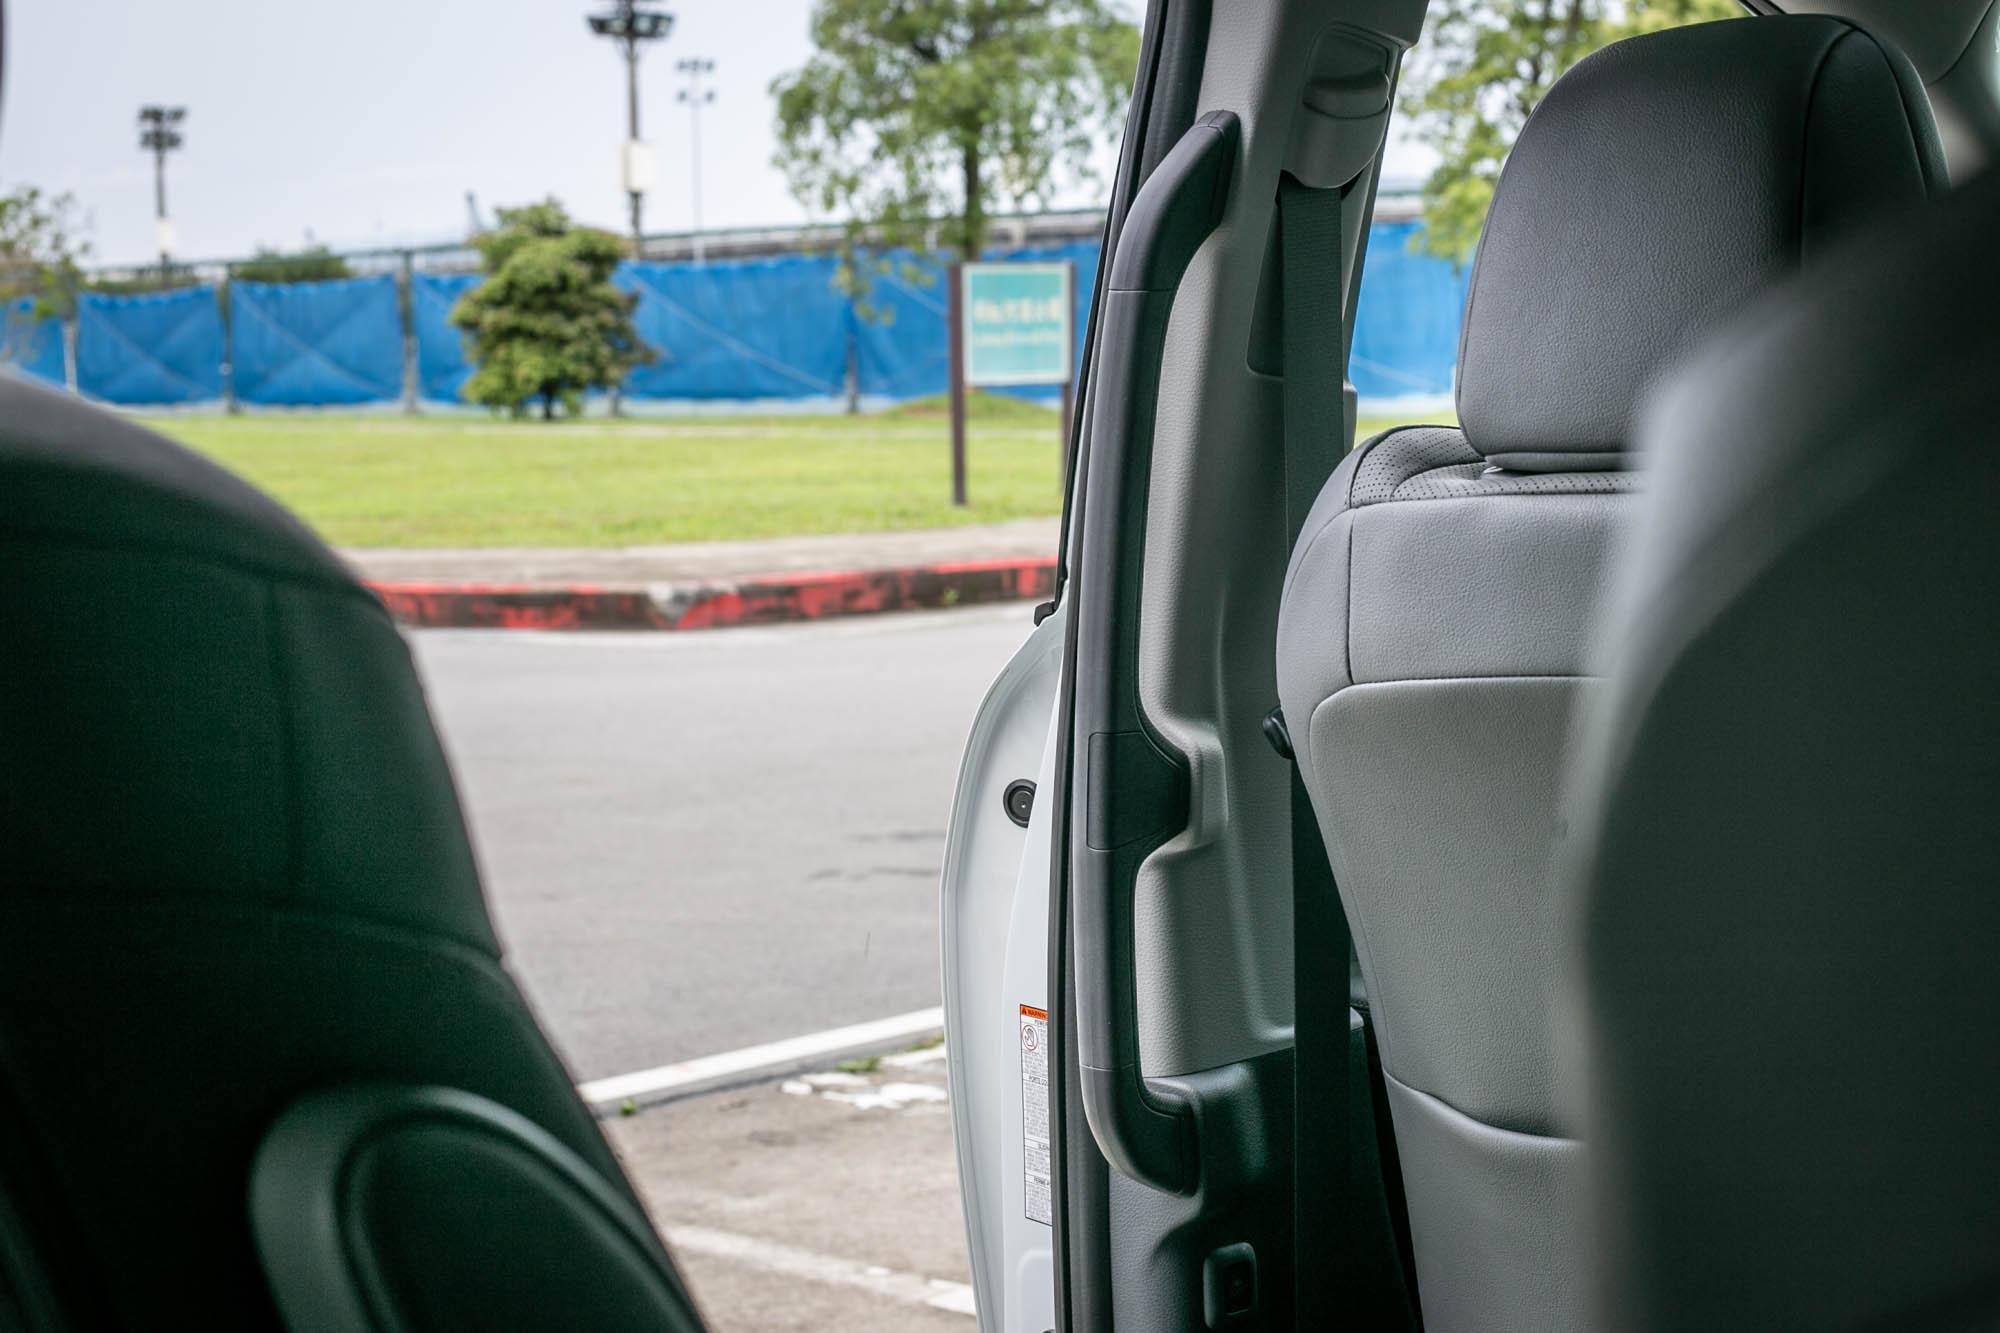 B 柱旁的大型扶手提供乘客上下車相當便利的支撐輔助。